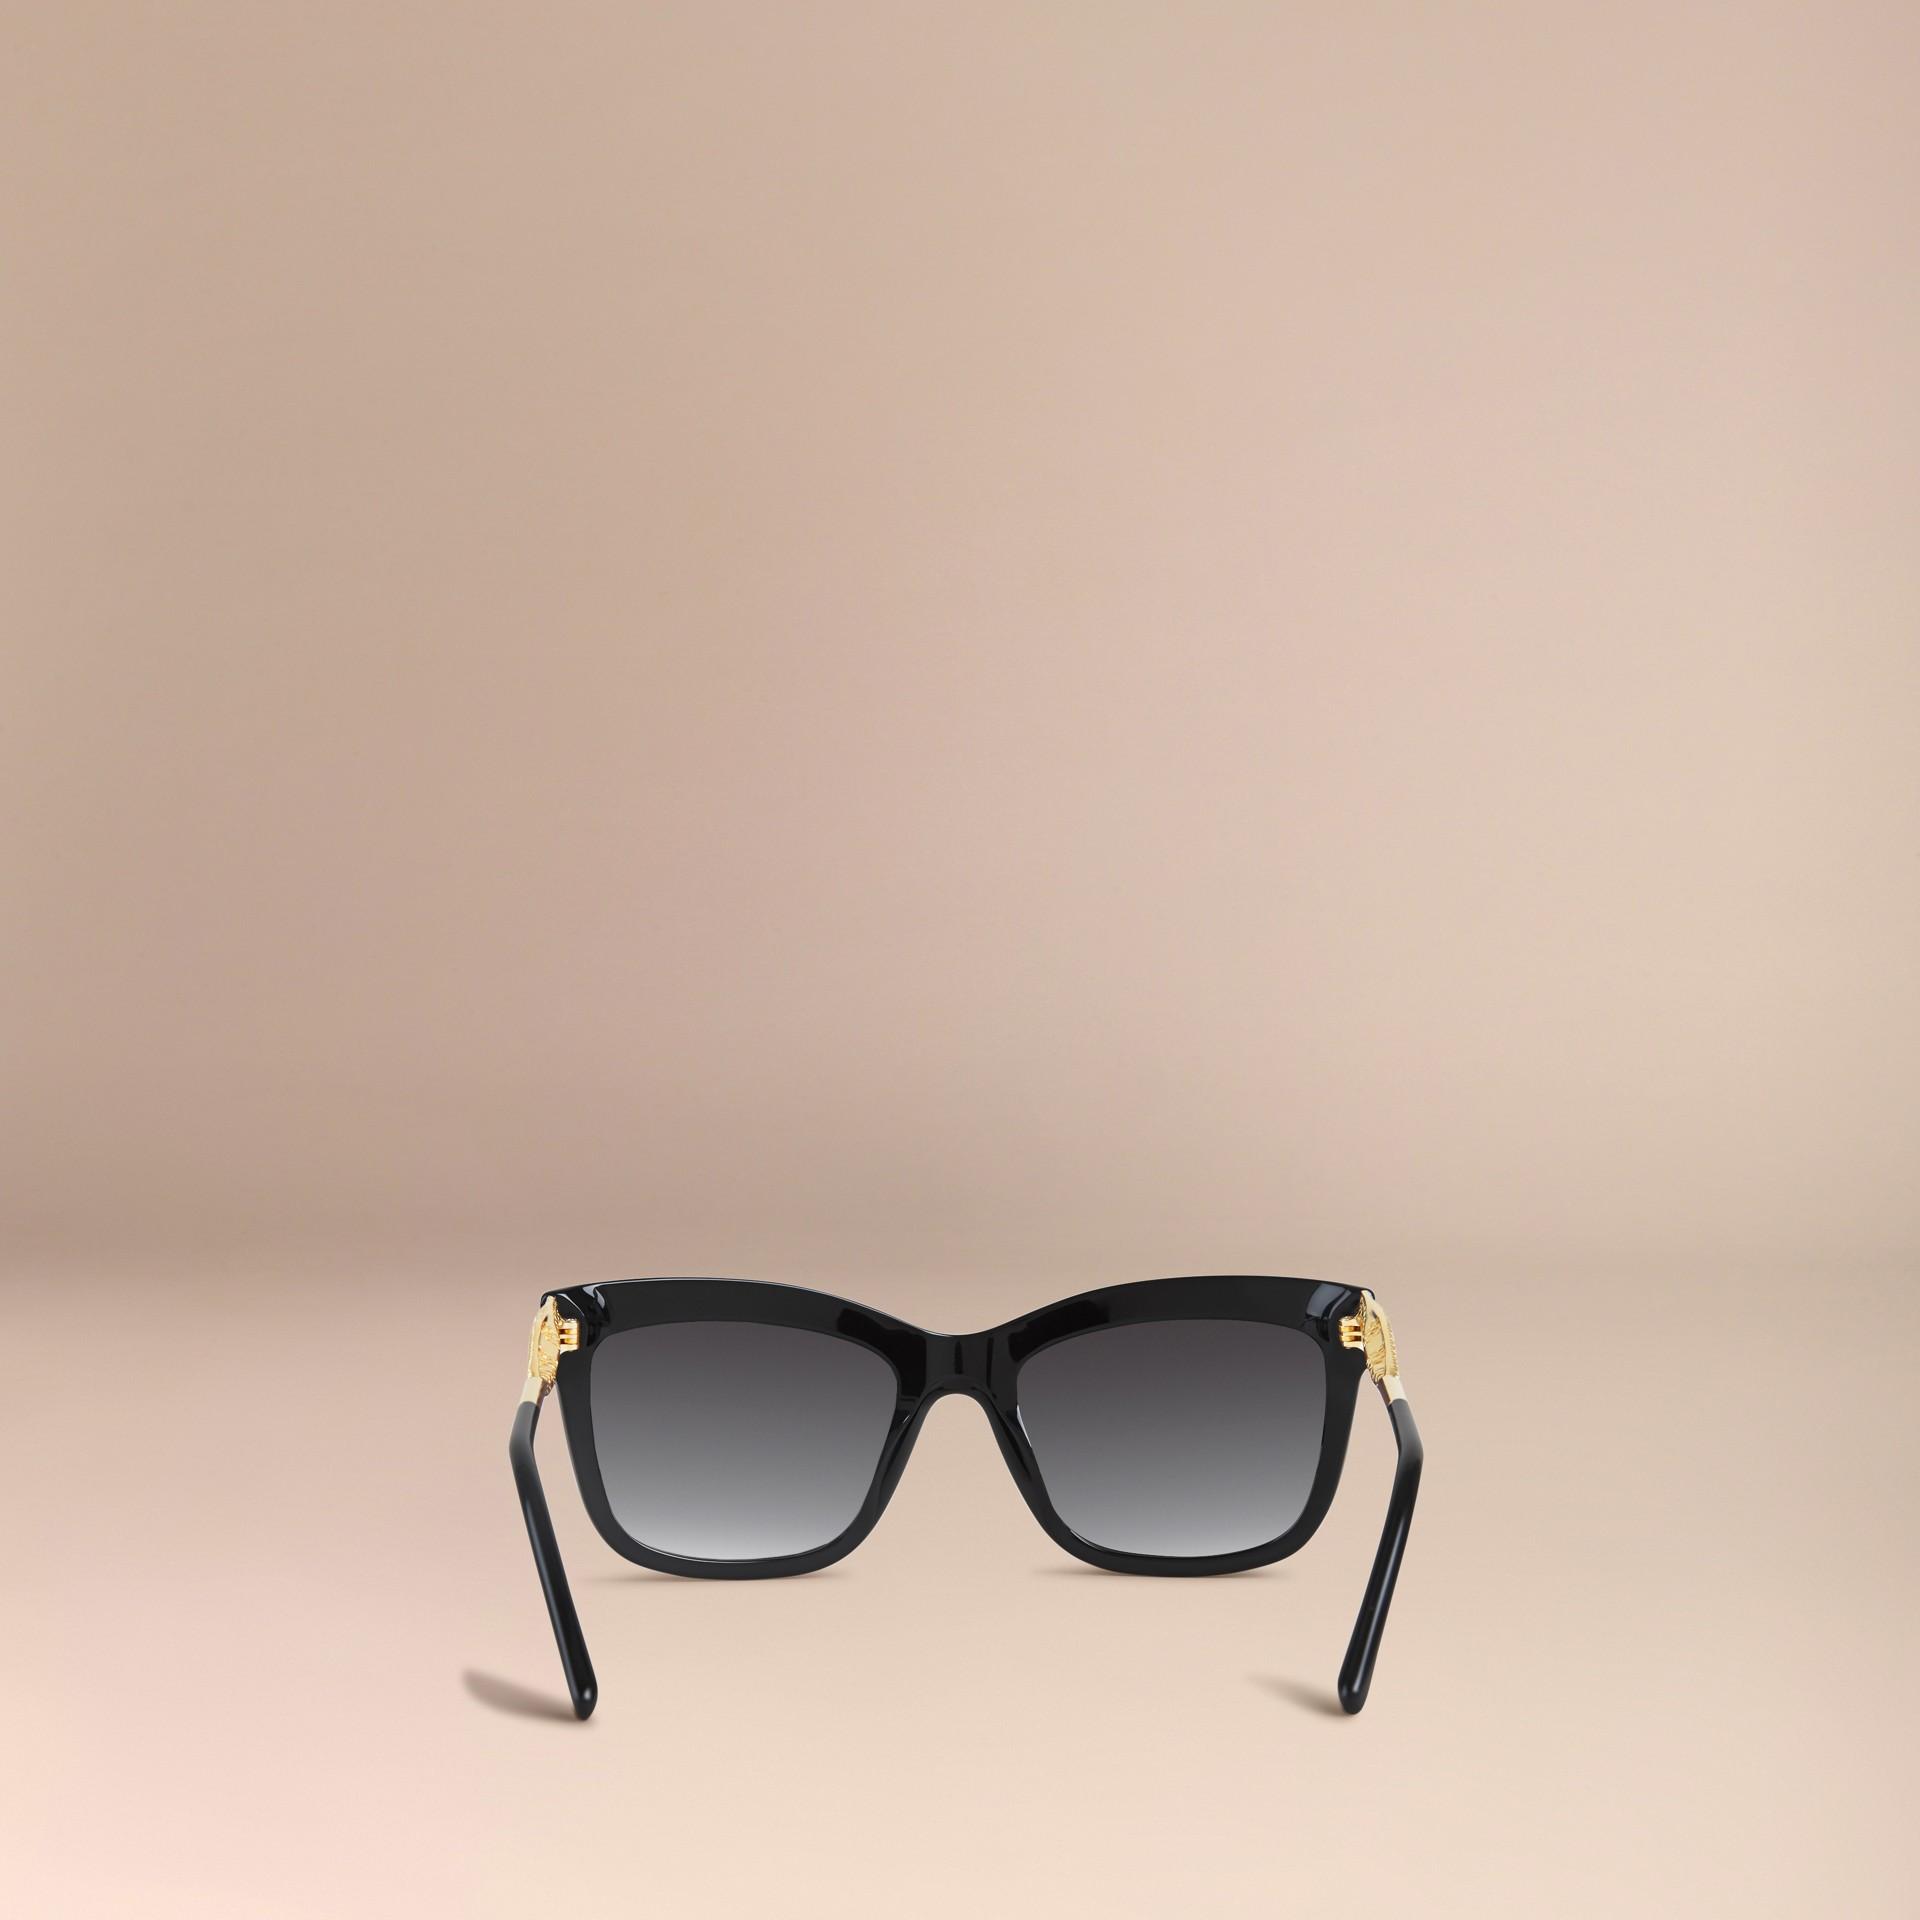 Preto Óculos de sol com armação quadrada da coleção Gabardine Lace Preto - galeria de imagens 4